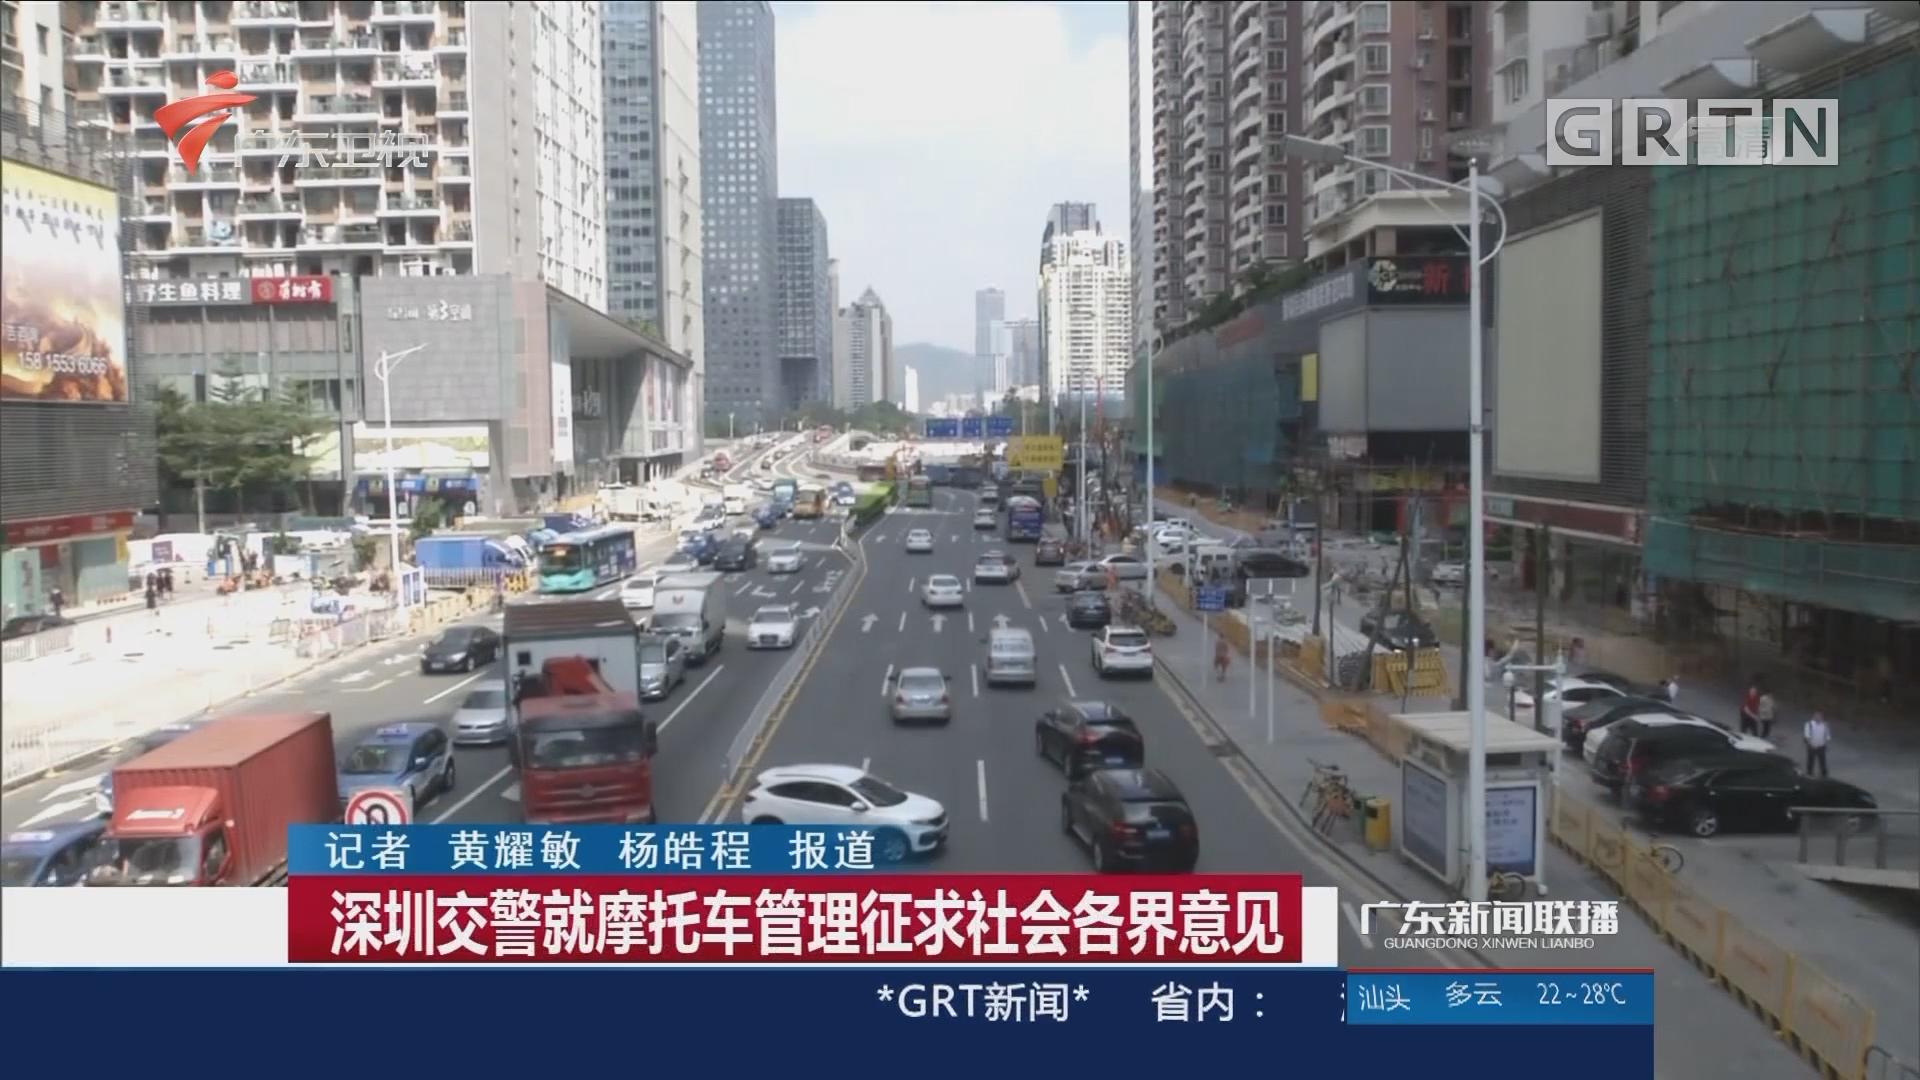 深圳交警就摩托车管理征求社会各界意见